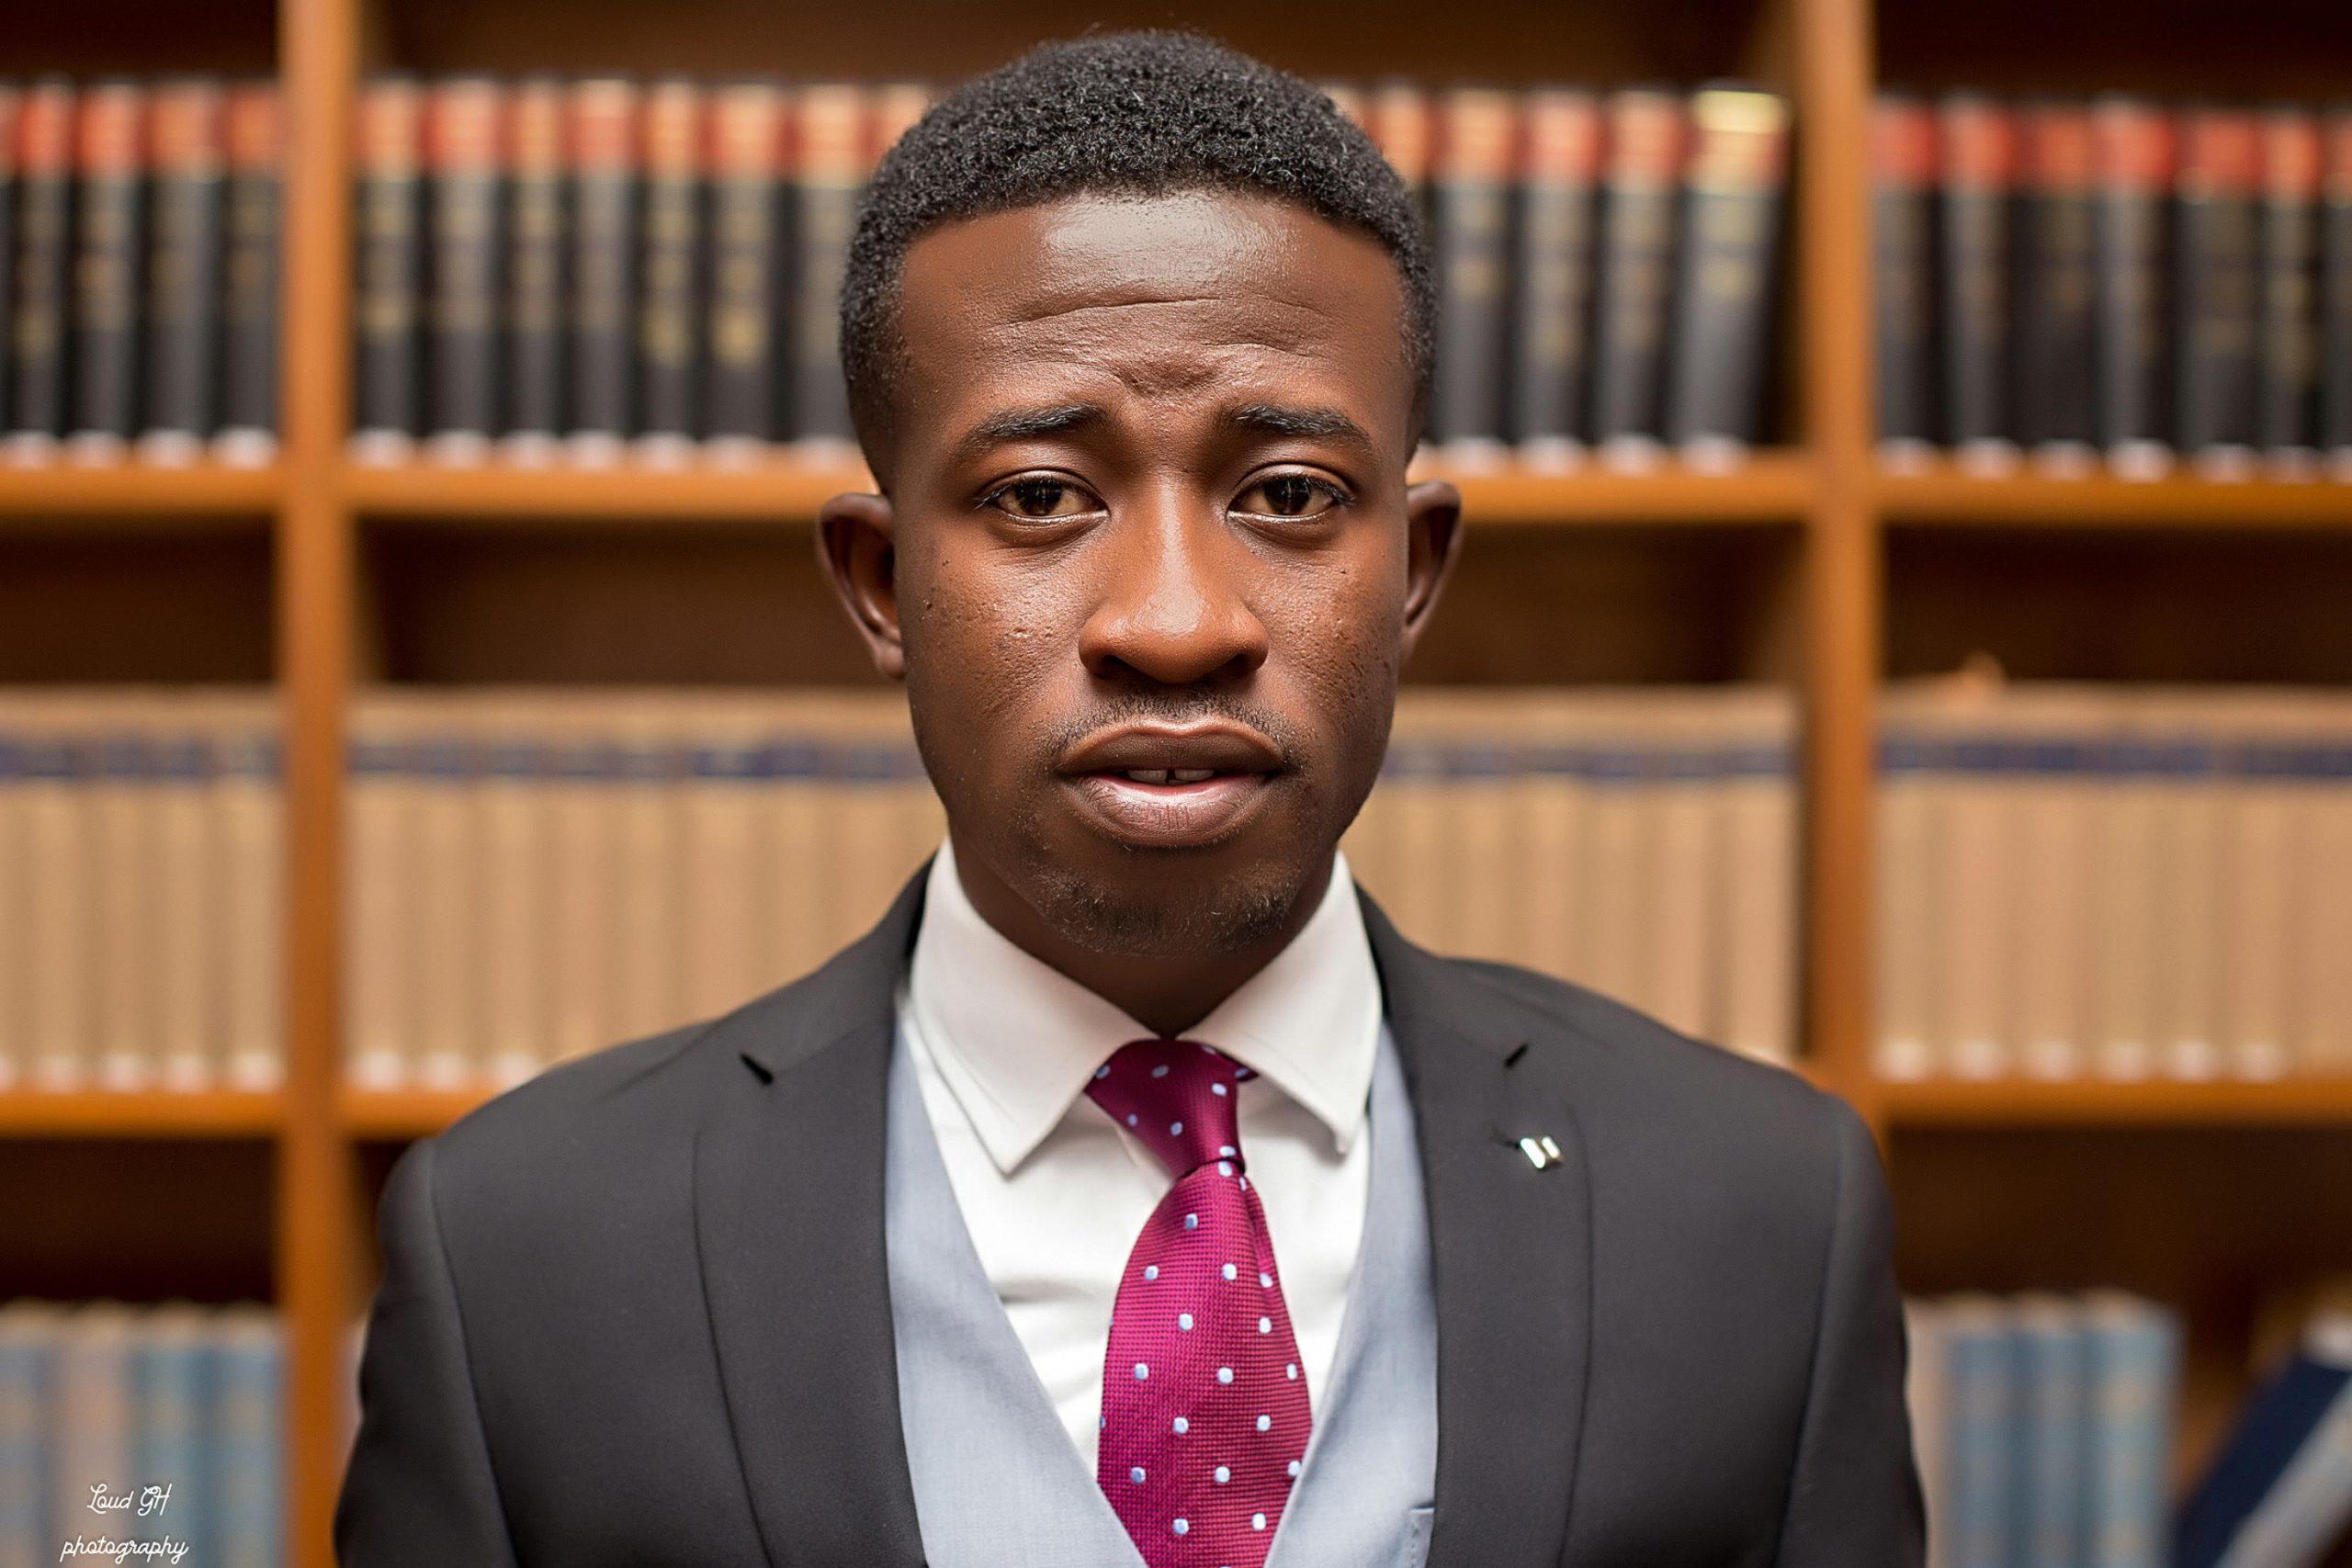 Kwasi Danso Amoah